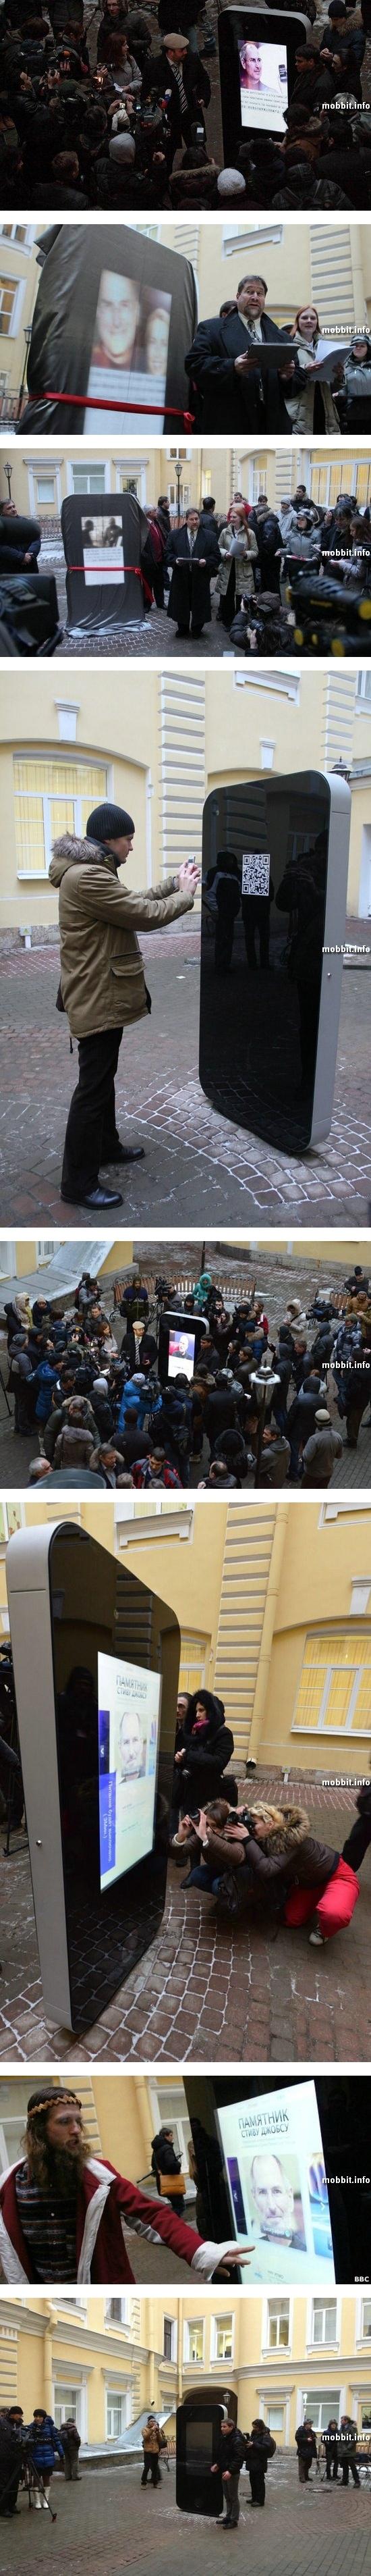 В Петербурге установили интерактивный памятник Стиву Джобсу